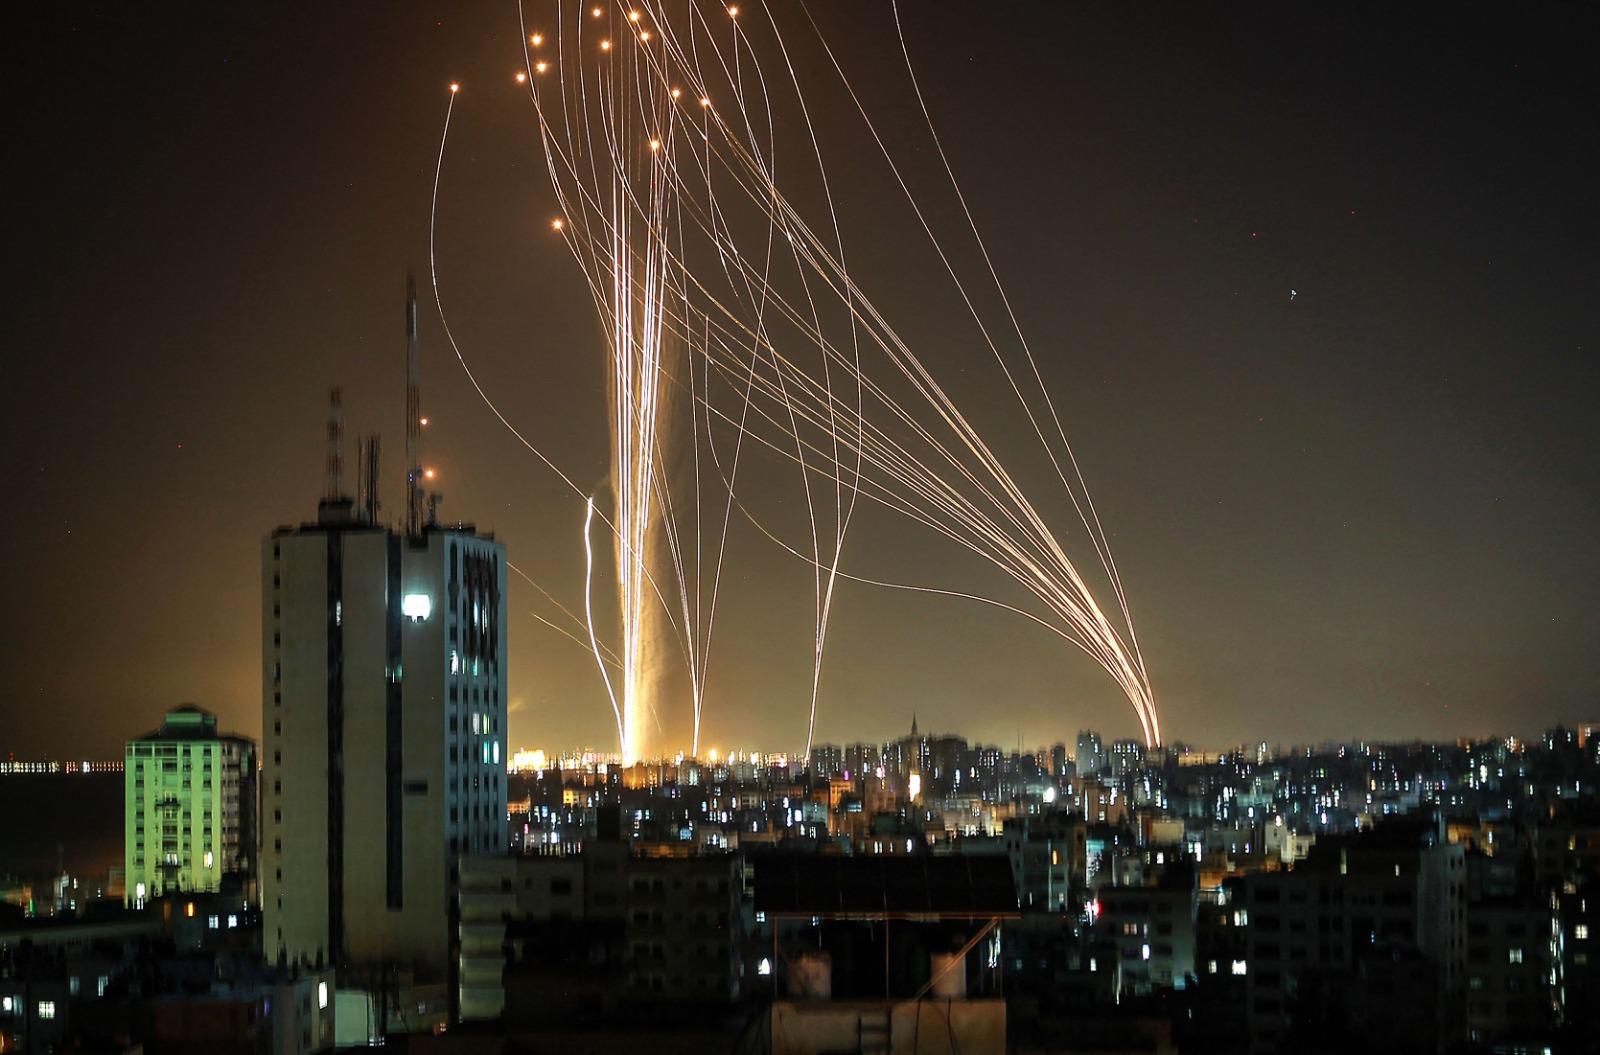 על ירי הרקטות לישראל פחות מעניין לדבר. לילה של שיגורים מעזה (צילום: גטי אימג'ס)